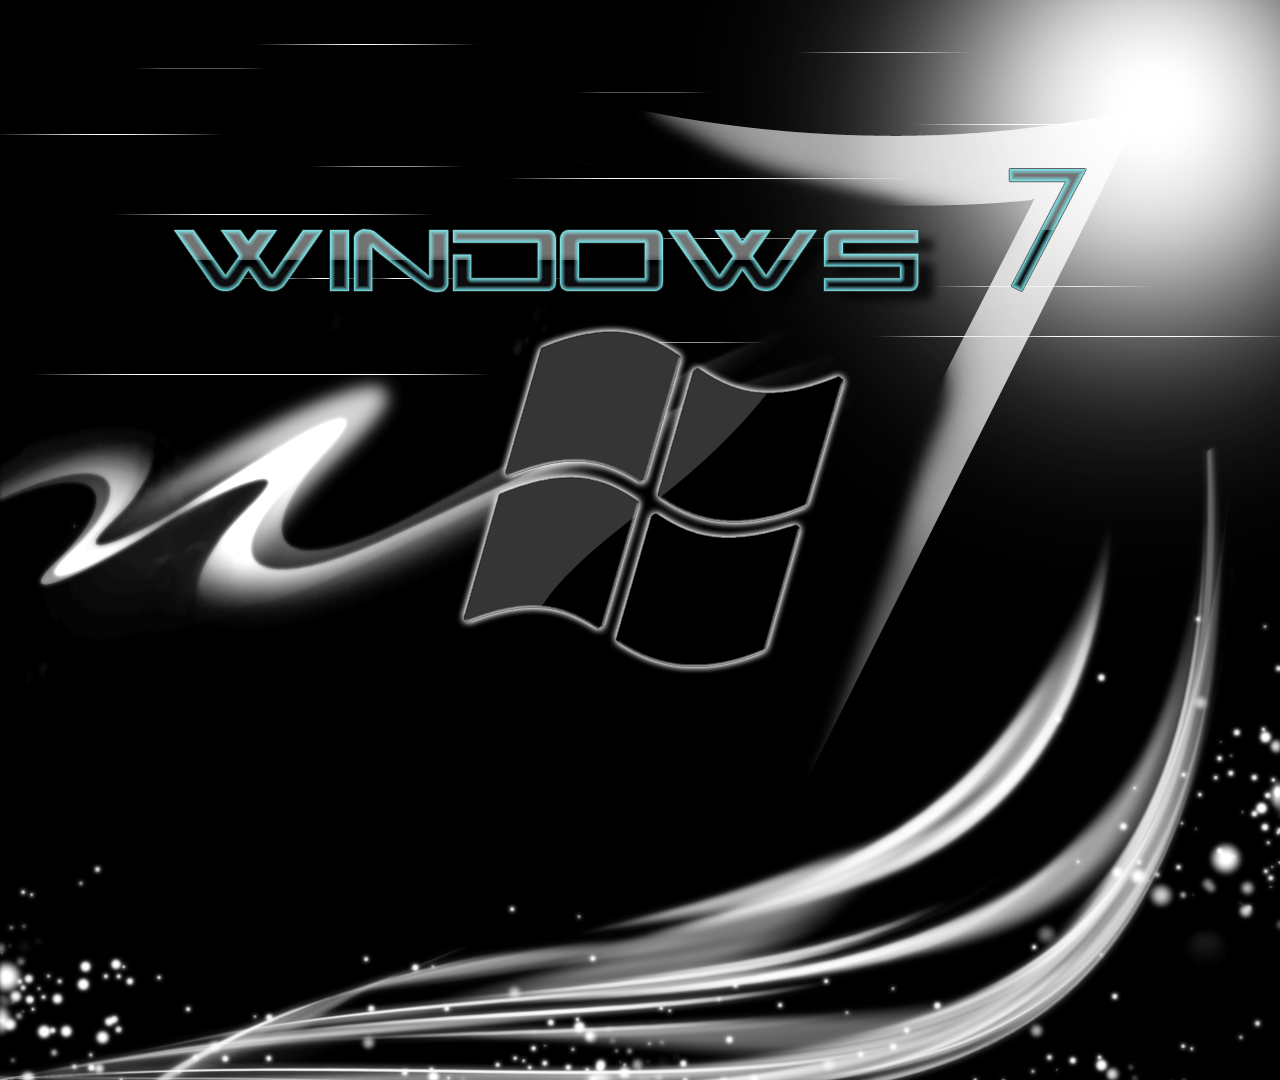 Christian Desktop Wallpaper: Christian Wallpaper For Windows 10